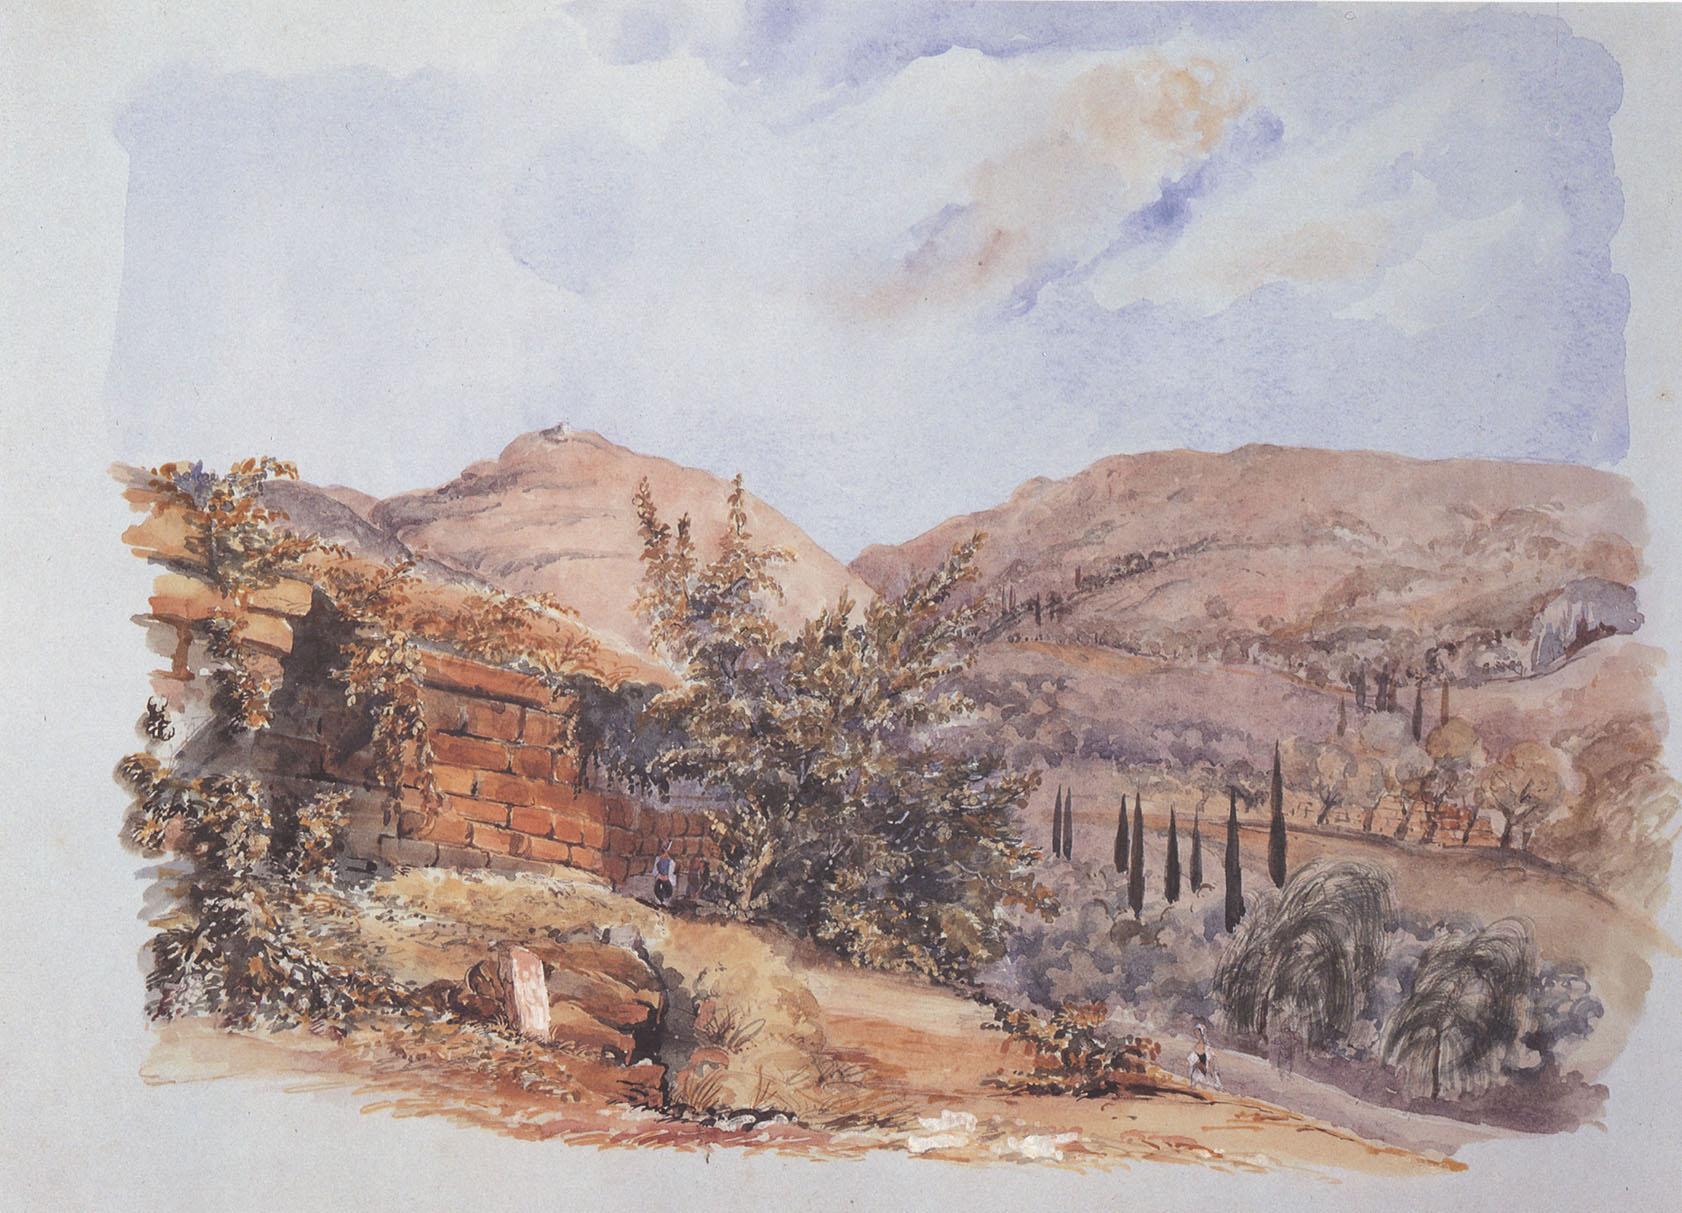 Η περιοχή του ιερού του Απόλλωνος σε υδατογραφία του Arthur Tower (1843)